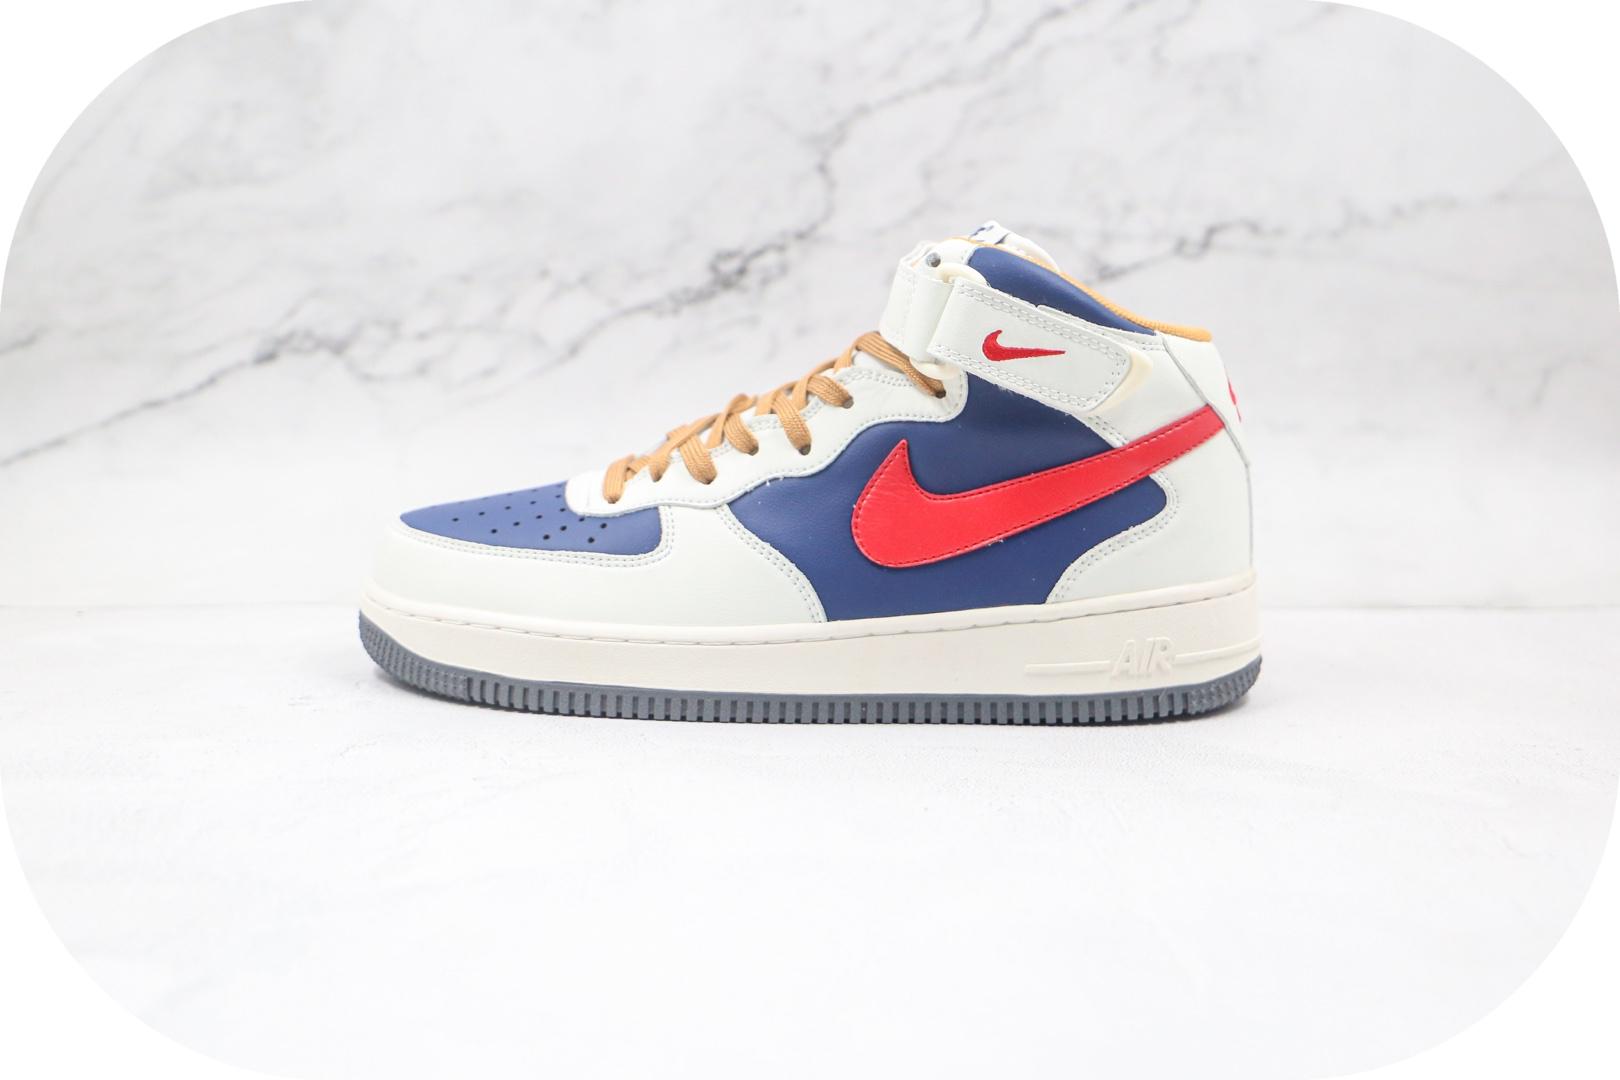 耐克Nike Air Force 1'07 Mid纯原版本中帮空军一号白蓝红色板鞋内置全掌Sole气垫 货号:512745-068封面